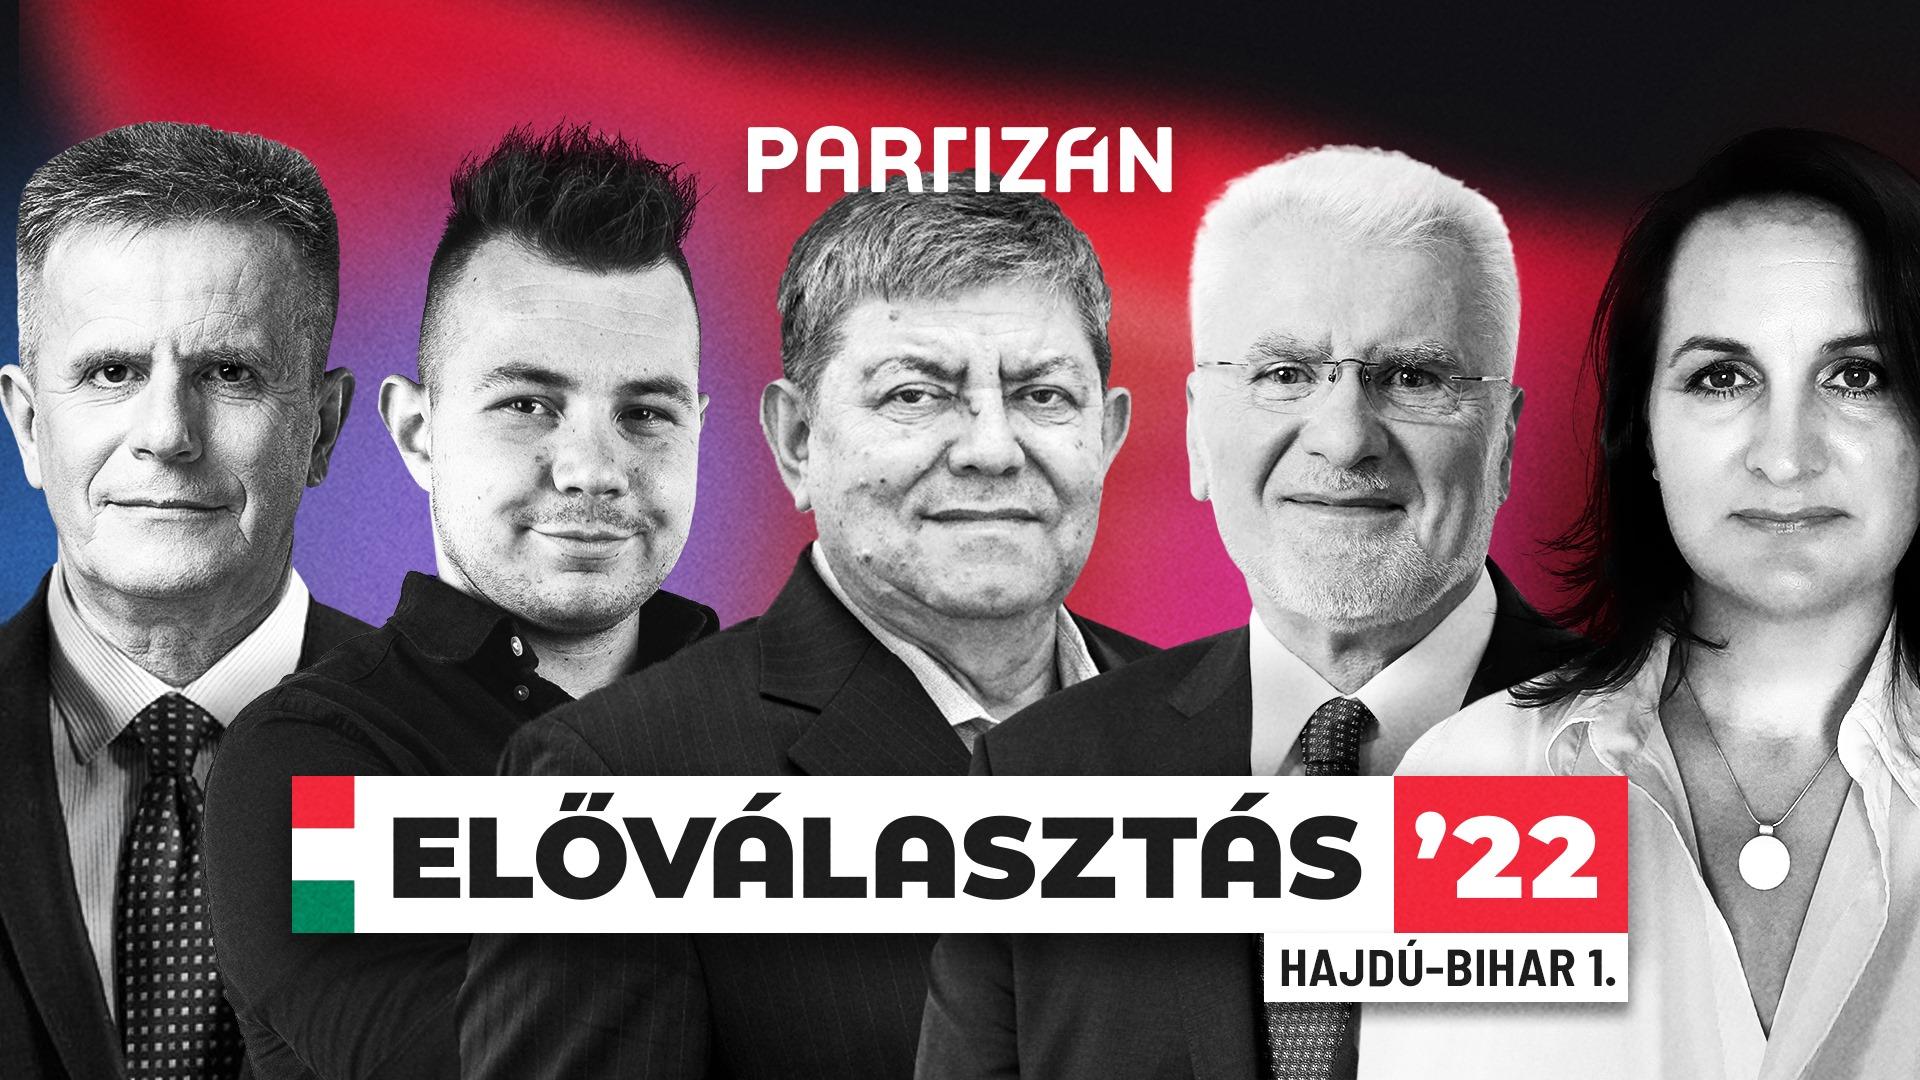 Akcionista képviselő, kémikus, atomfizikus, vállalkozó vagy kozmetikus lehet Kósa Lajos kihívója Debrecenben, nézd élőben!